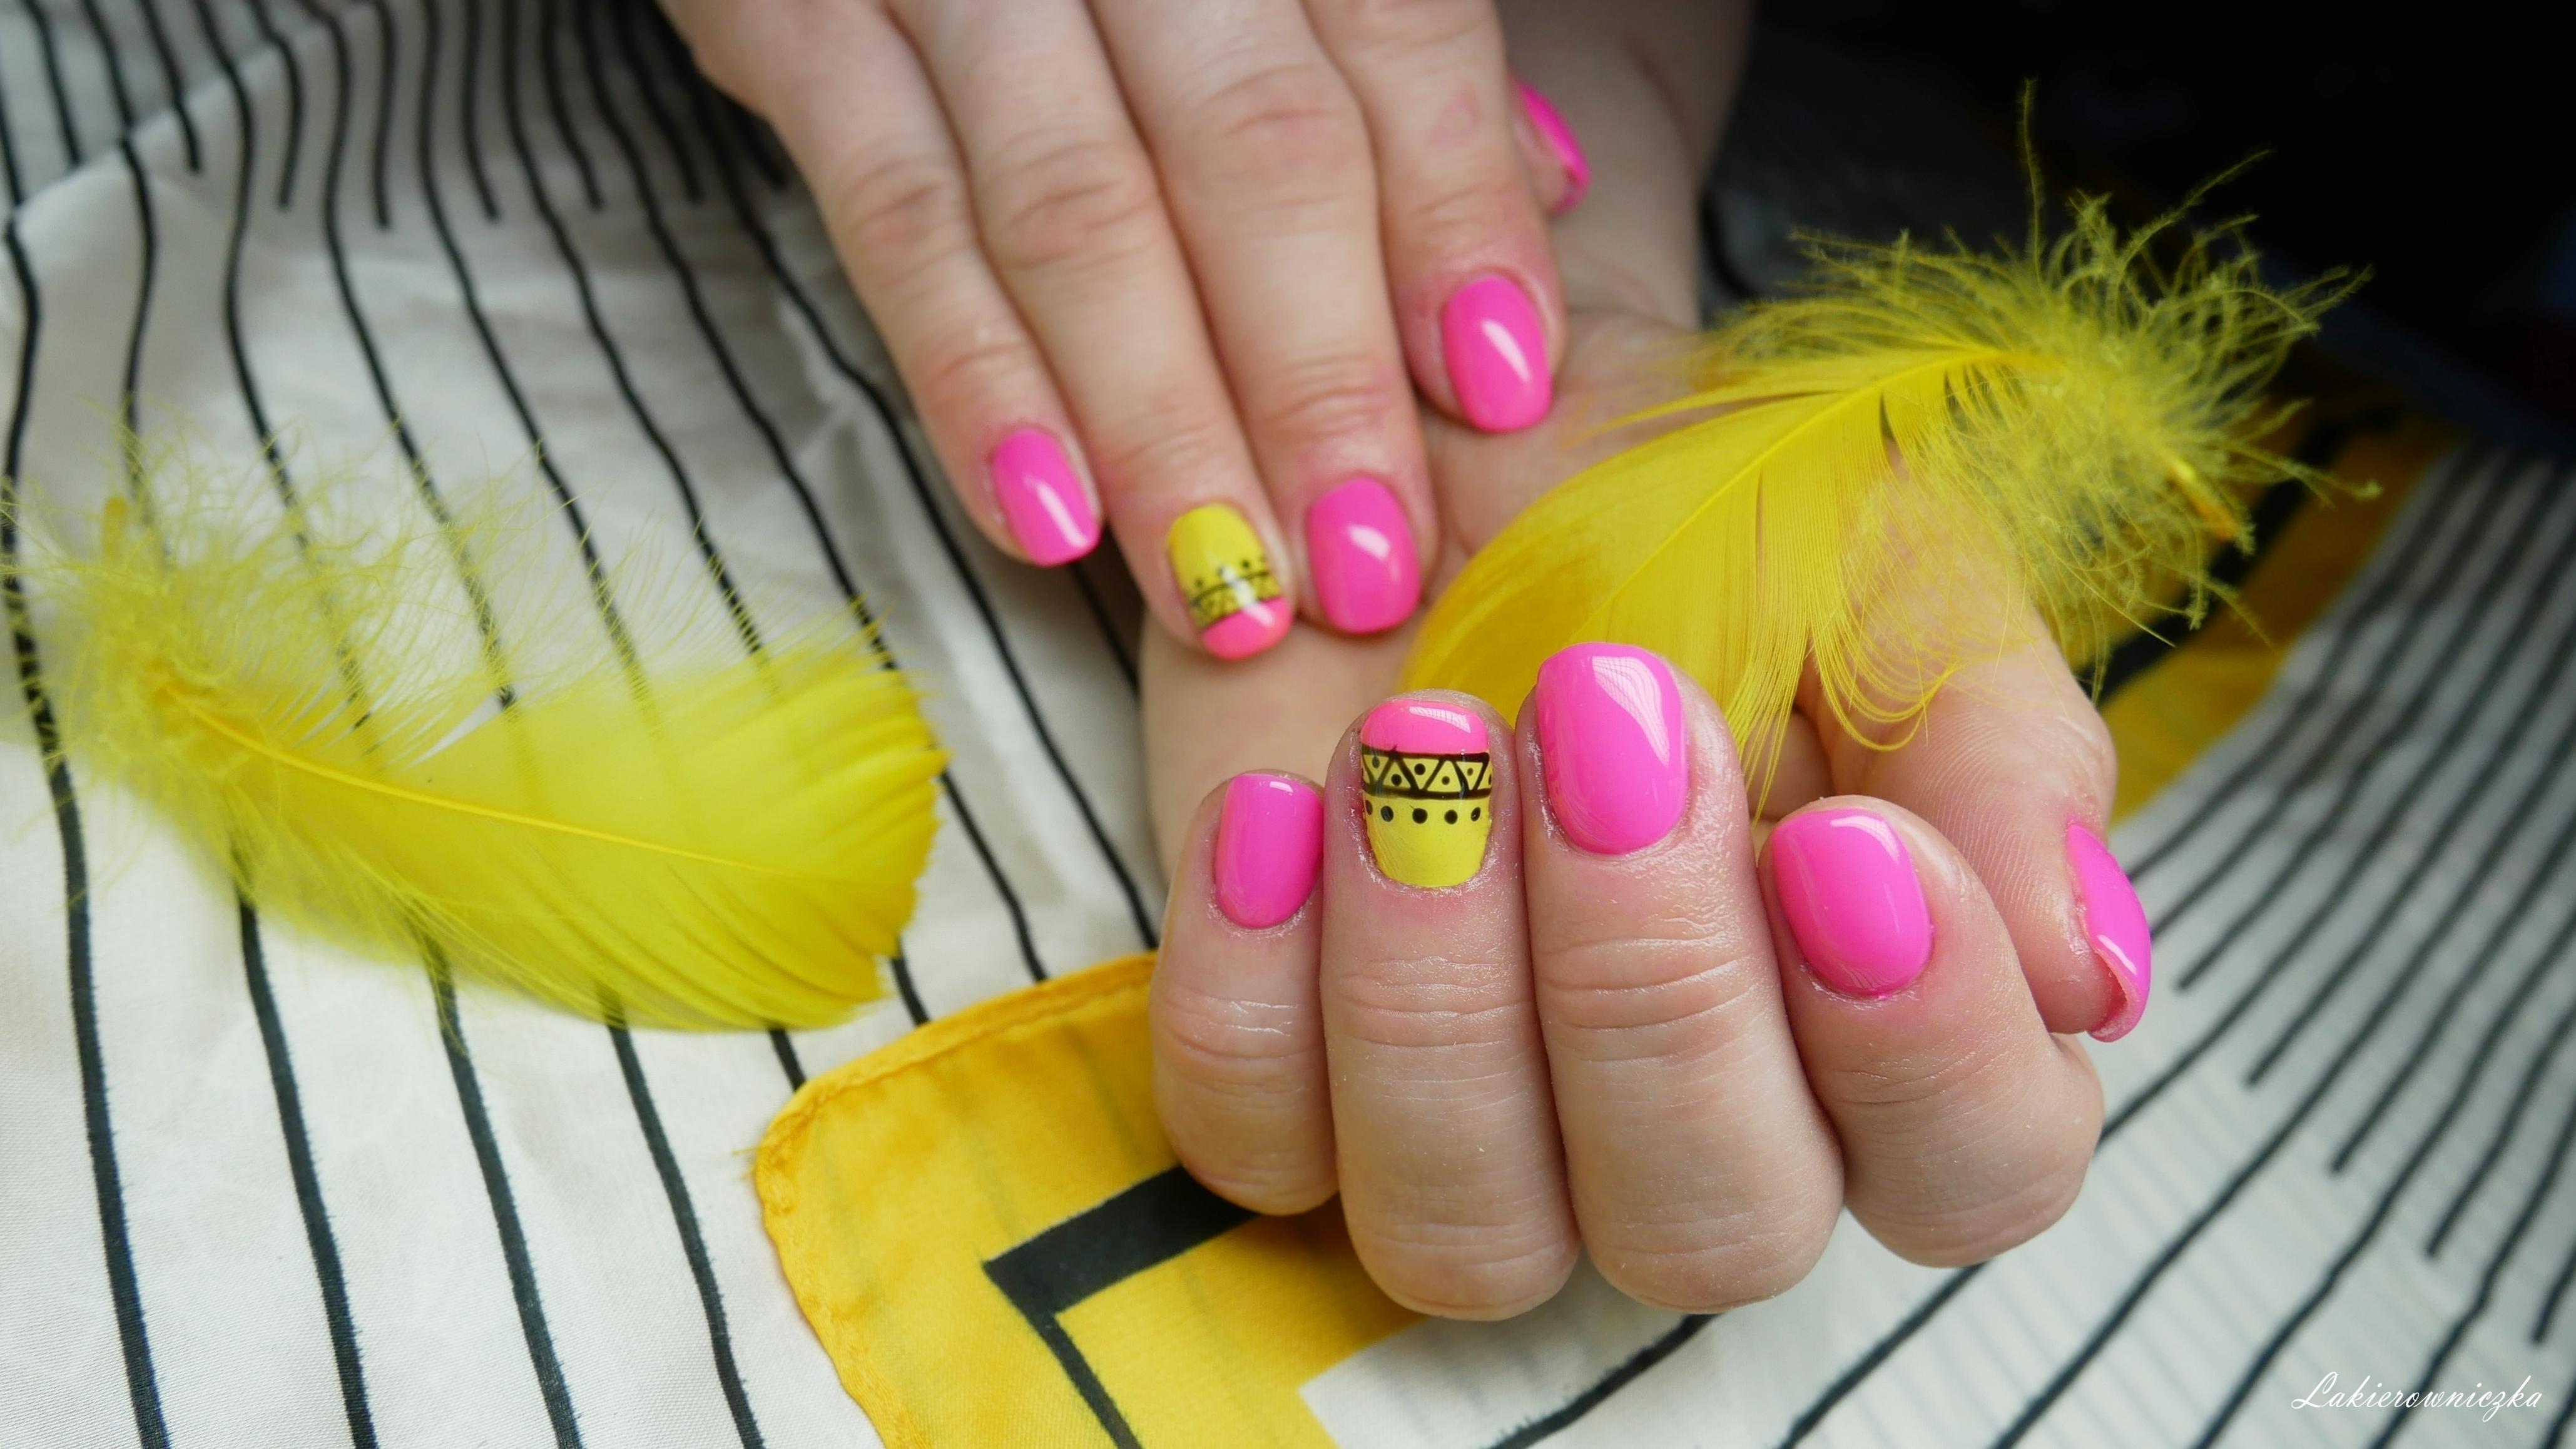 Hybrydy-neonowy-roz-i-zolty-Madam-Glam-Floris-My-chick-kombinezon-Dresslily-Lakierowniczka